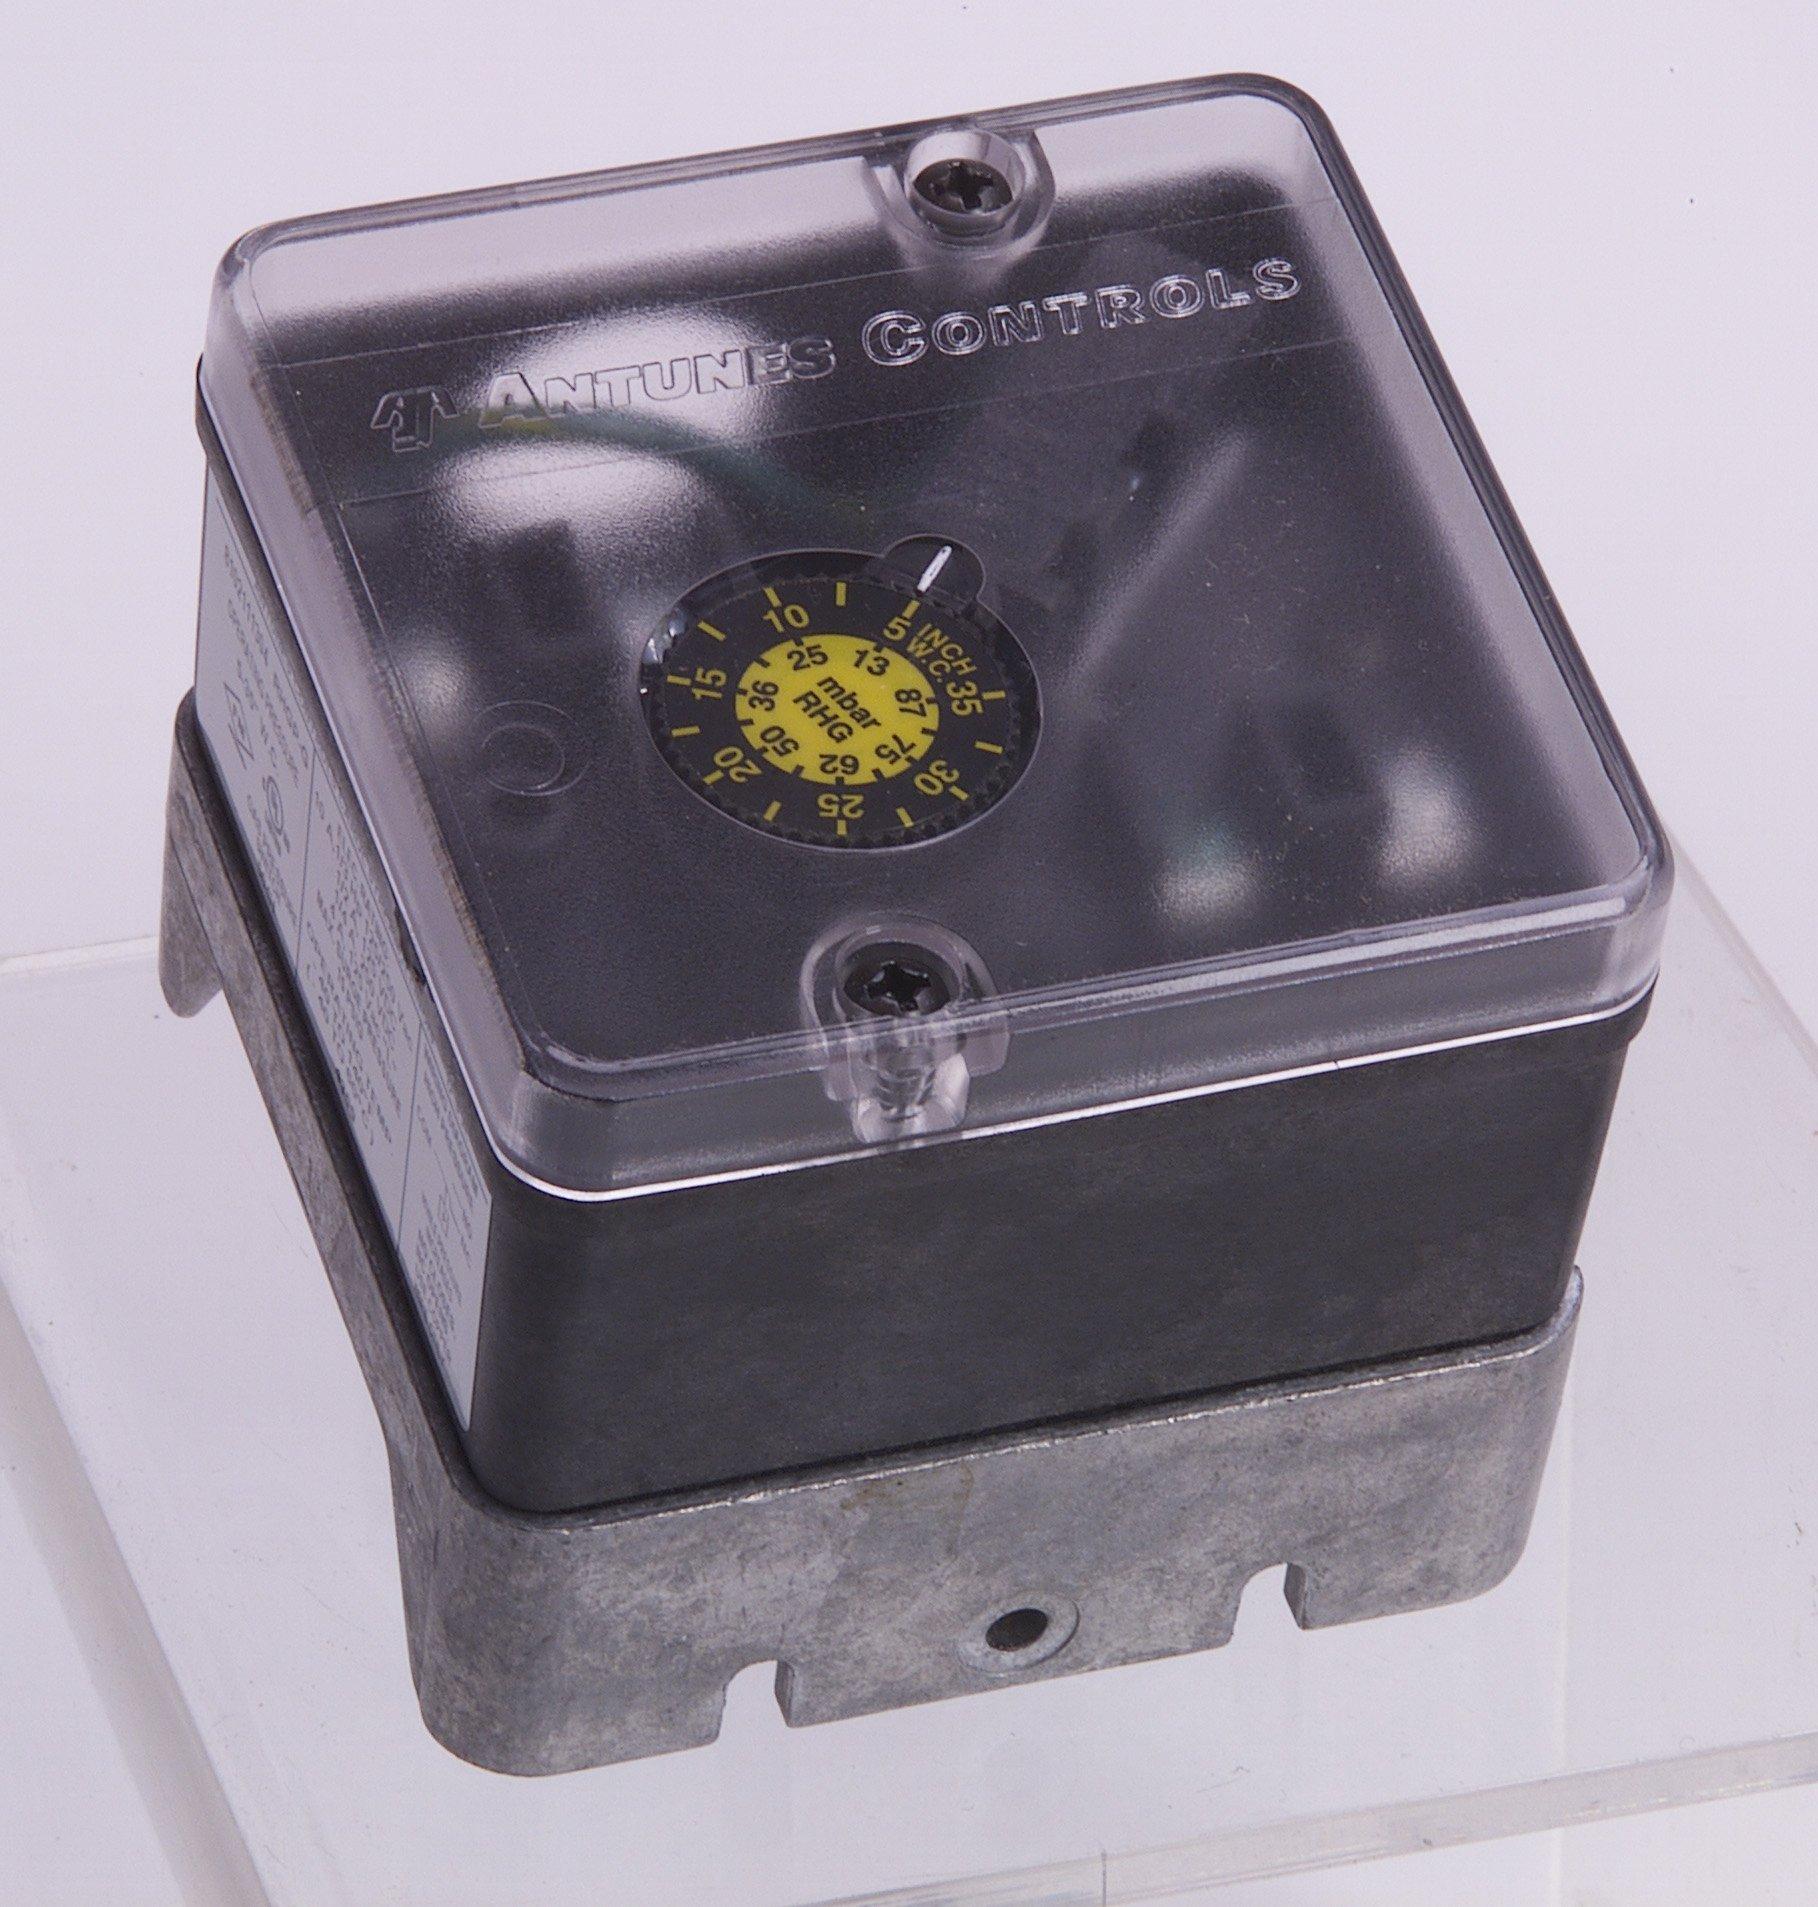 Antunes Controls 8104116203 RHGP-G Single Gas Switch, 1 - 20''wc